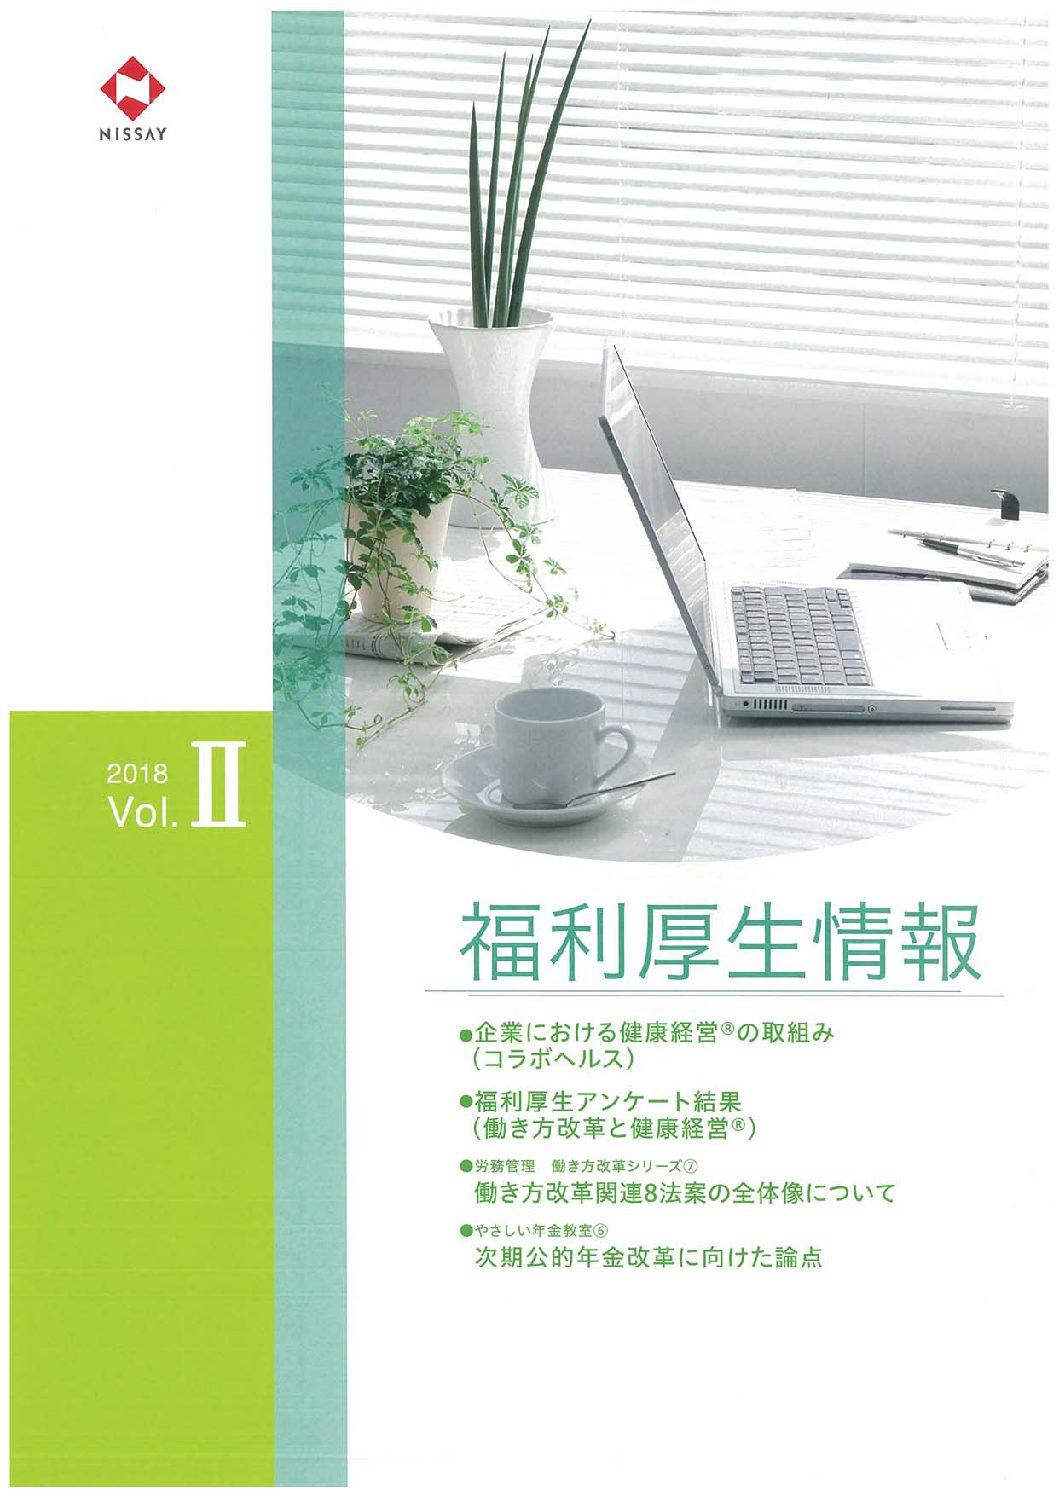 労務管理:働き方改革シリーズ7 働き方改革関連8法案の 全体像について